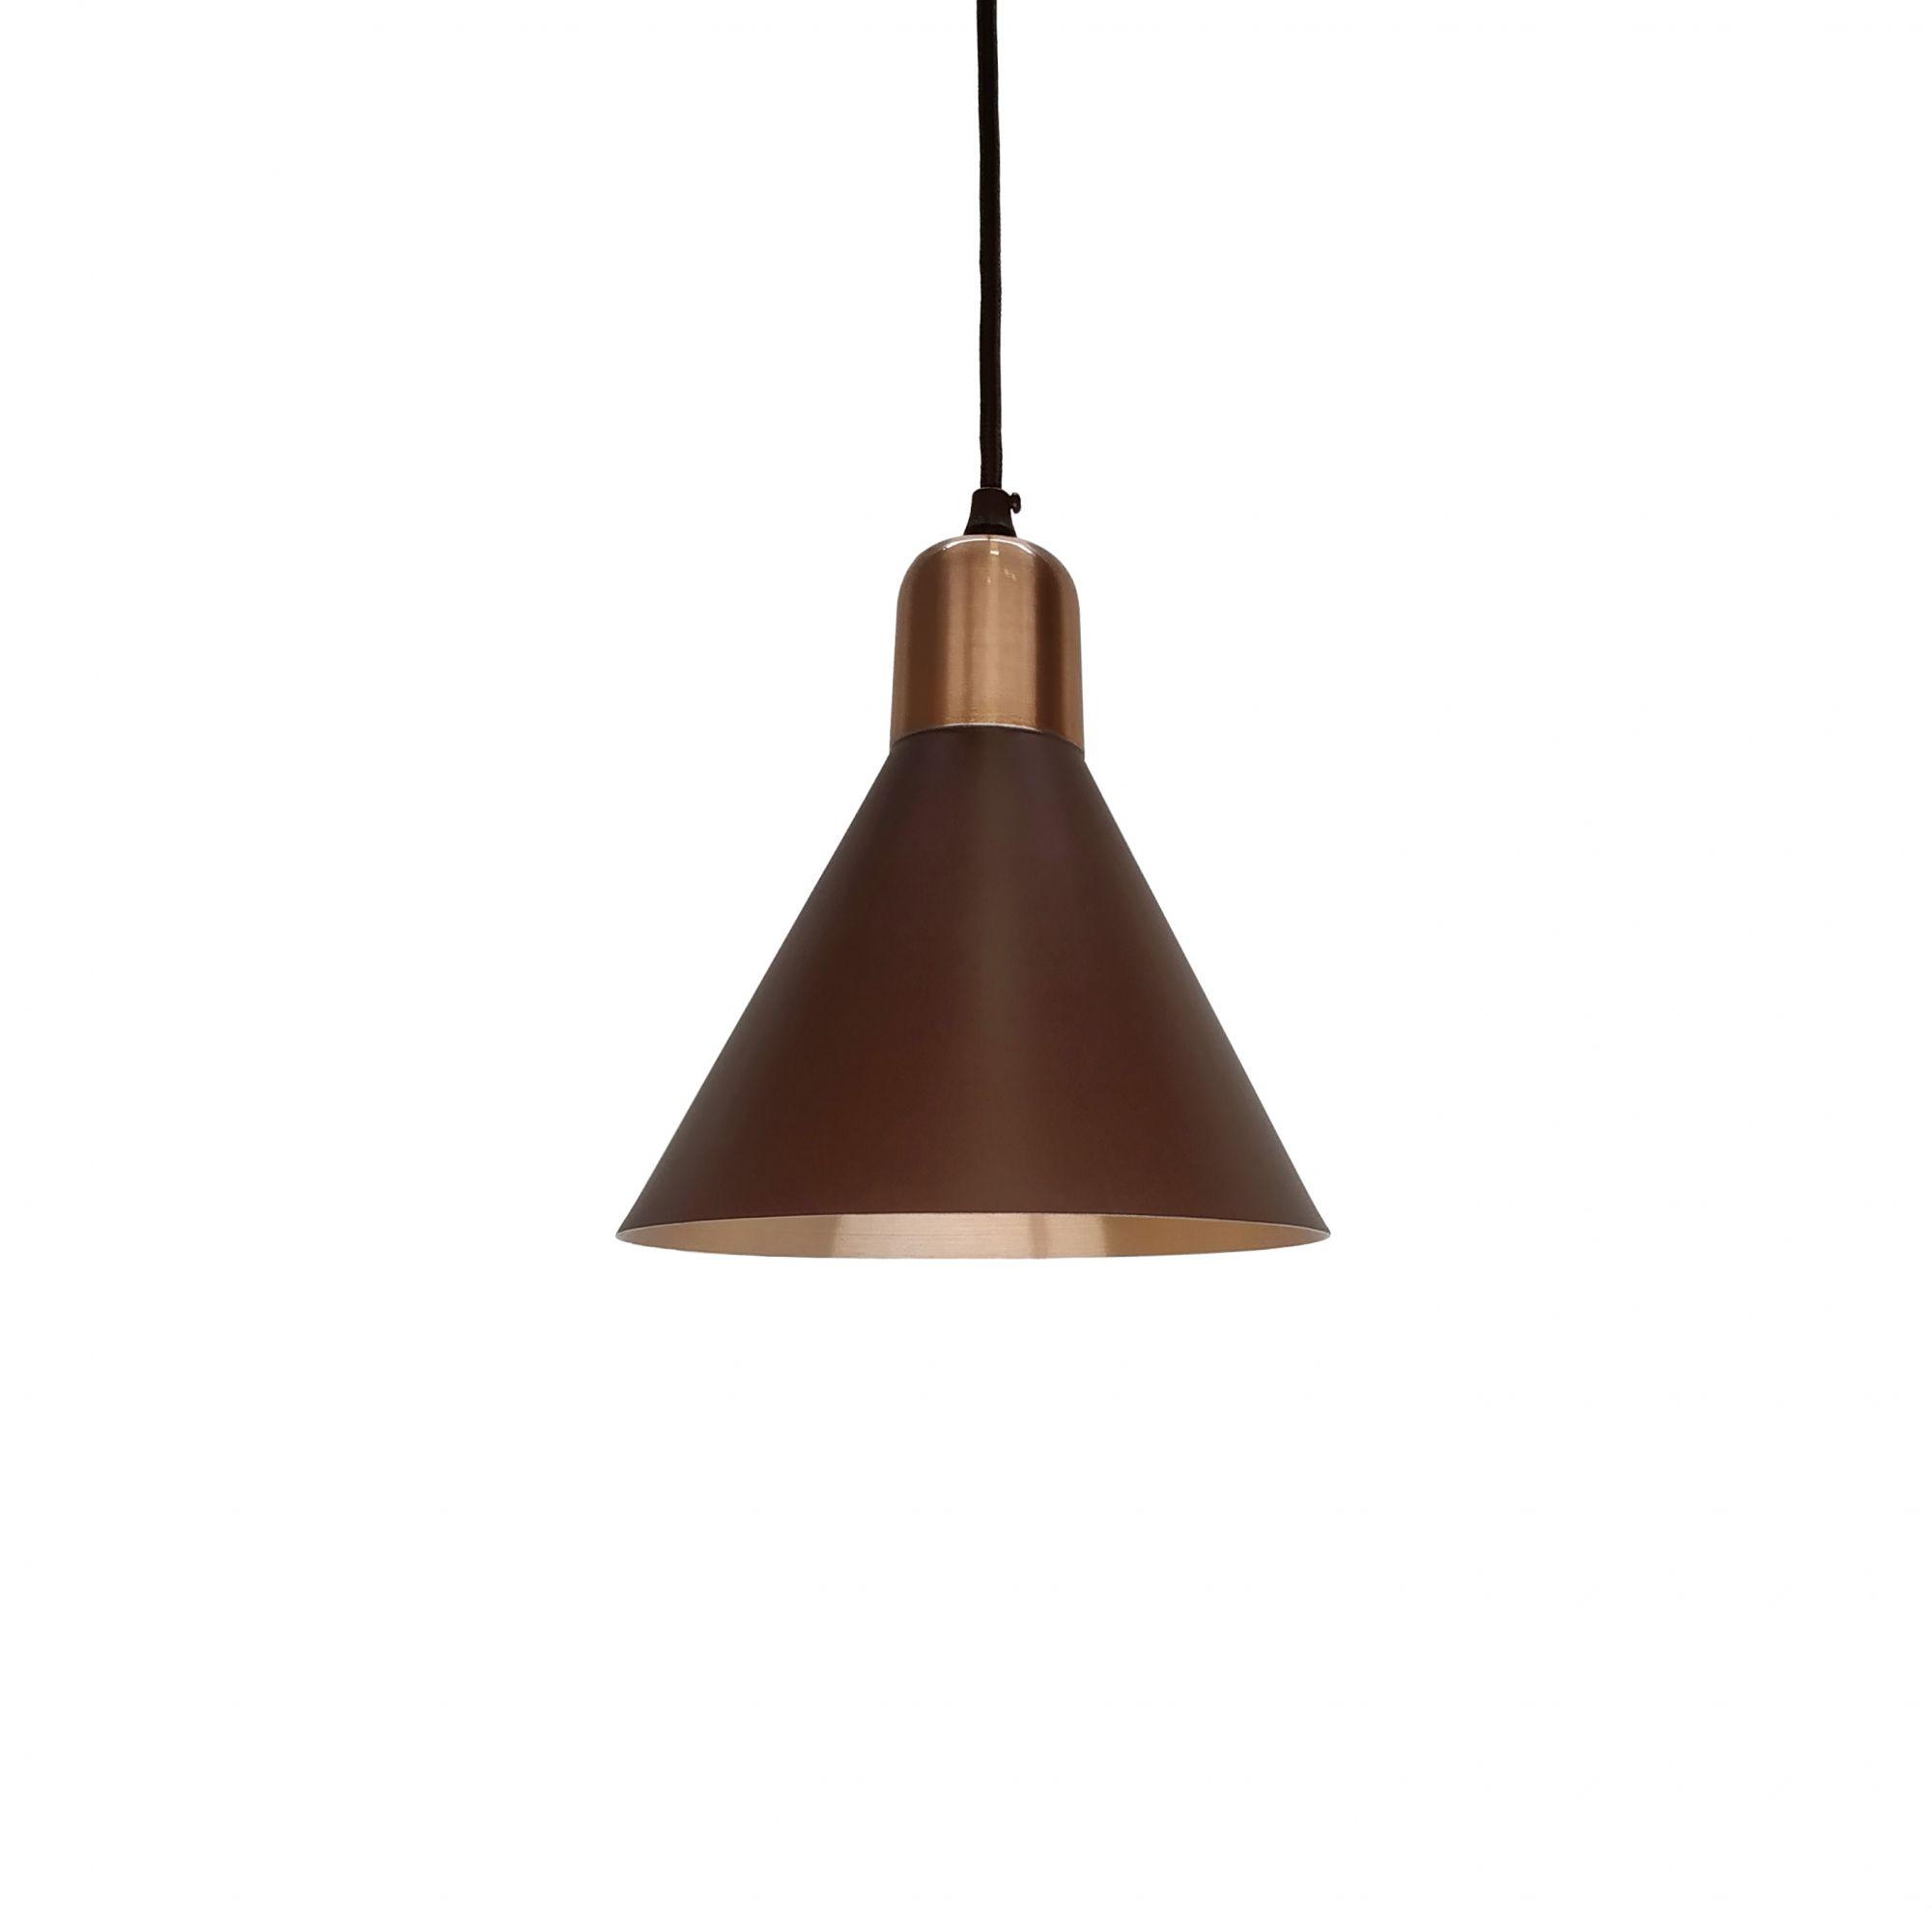 Pendente Fuji Premium Marrom/Cobre 18,5x18cm 6104